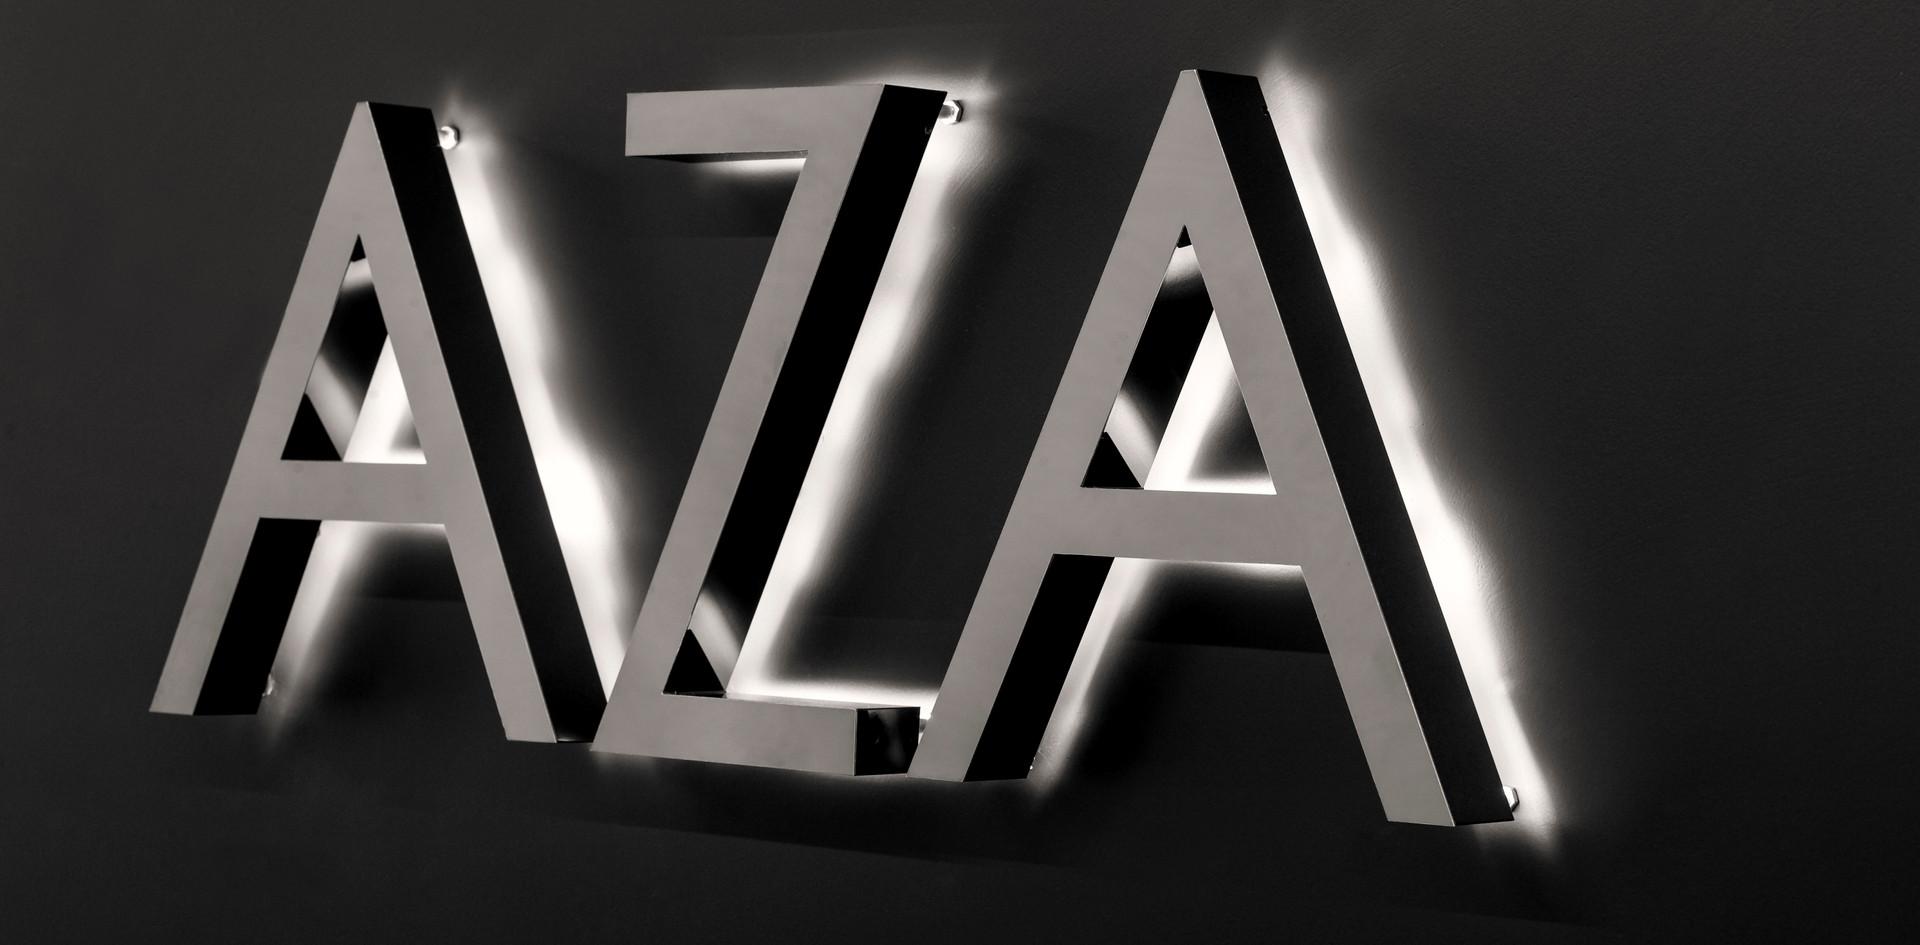 AZA 1